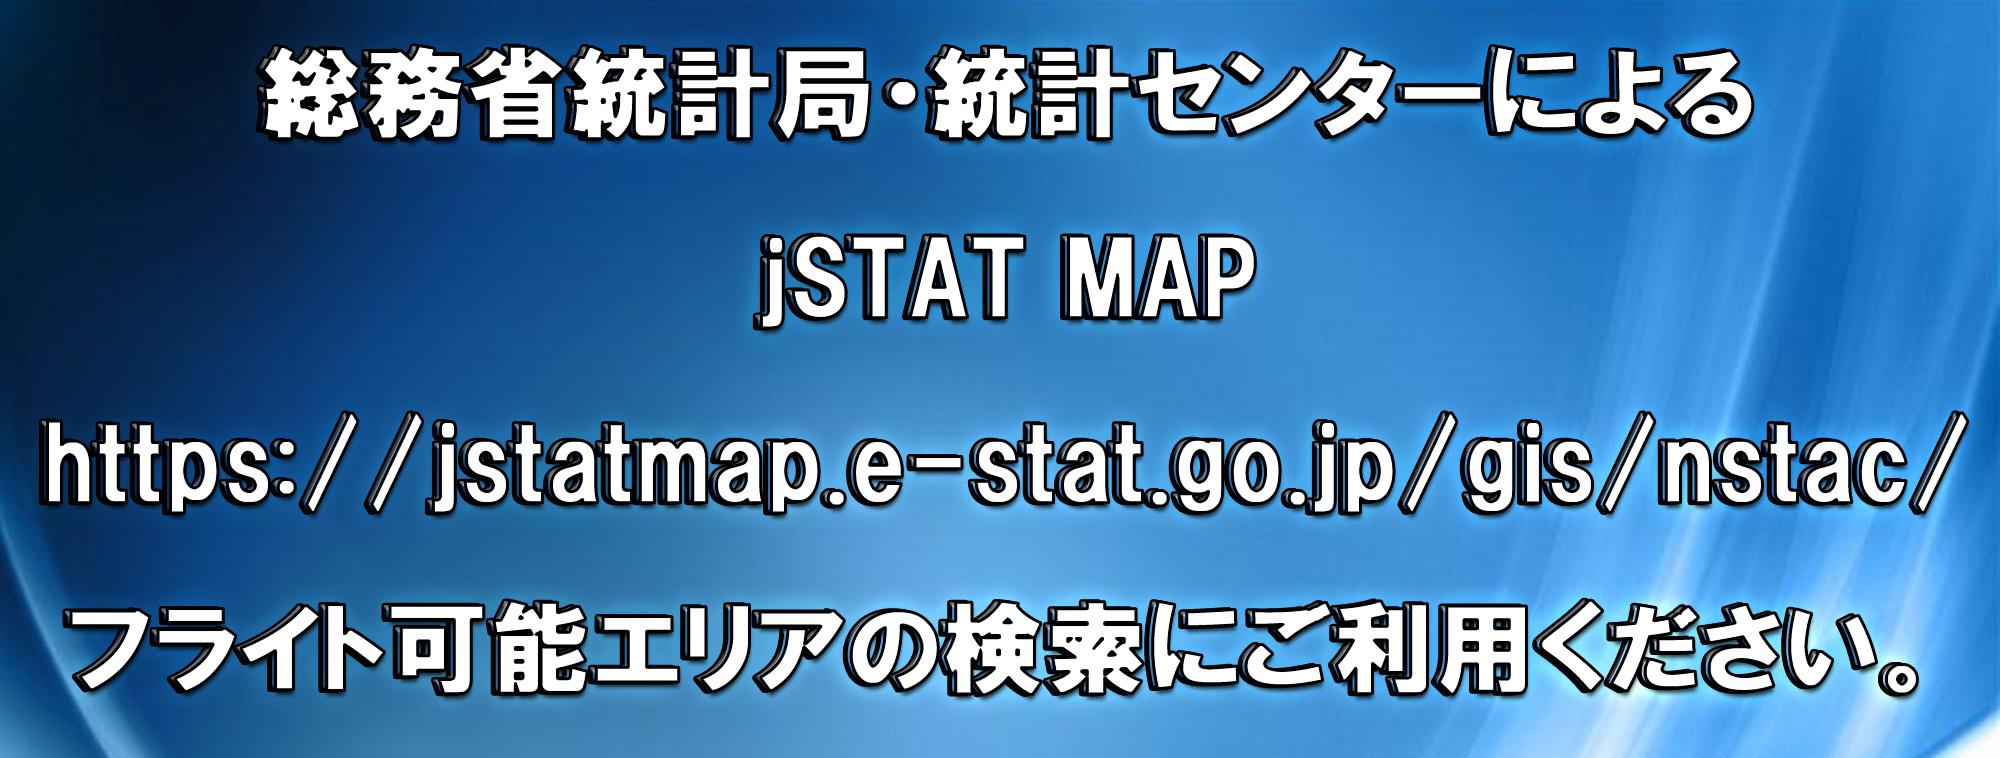 jSTAT MAP